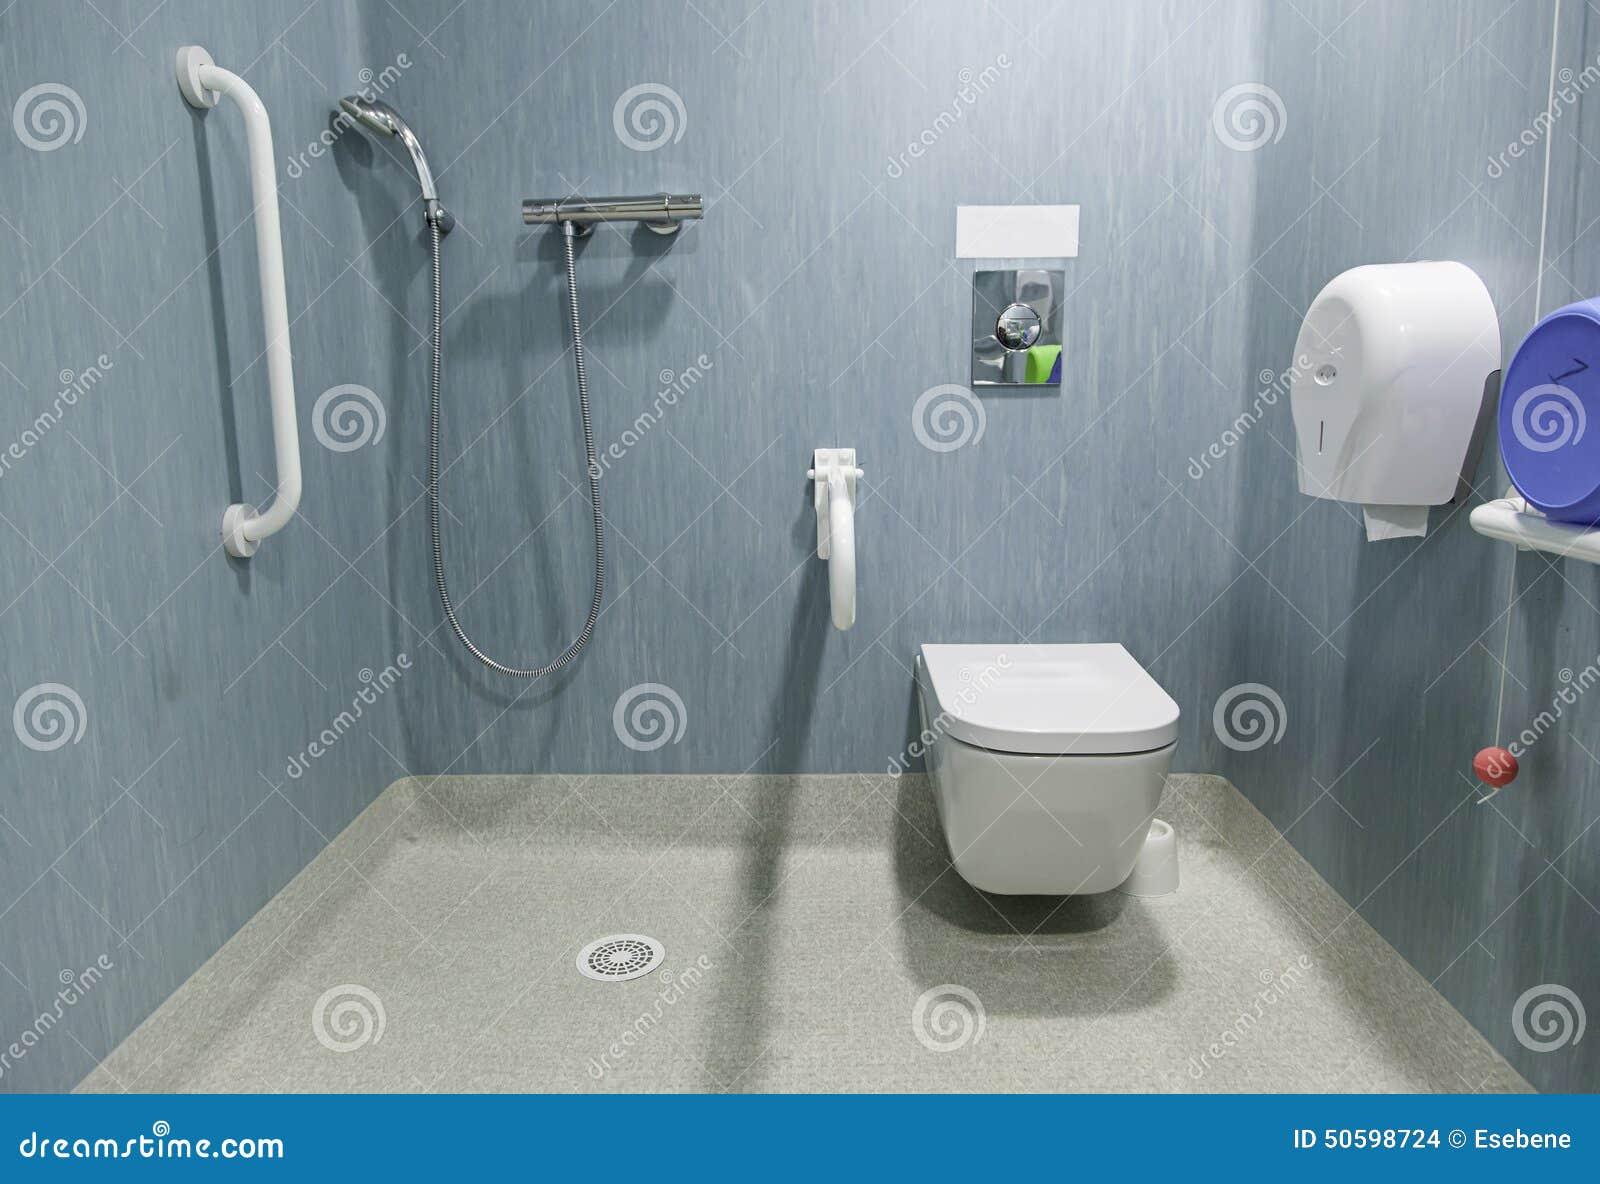 Salle de bains handicap e photo stock image 50598724 - Salle de bain hopital ...